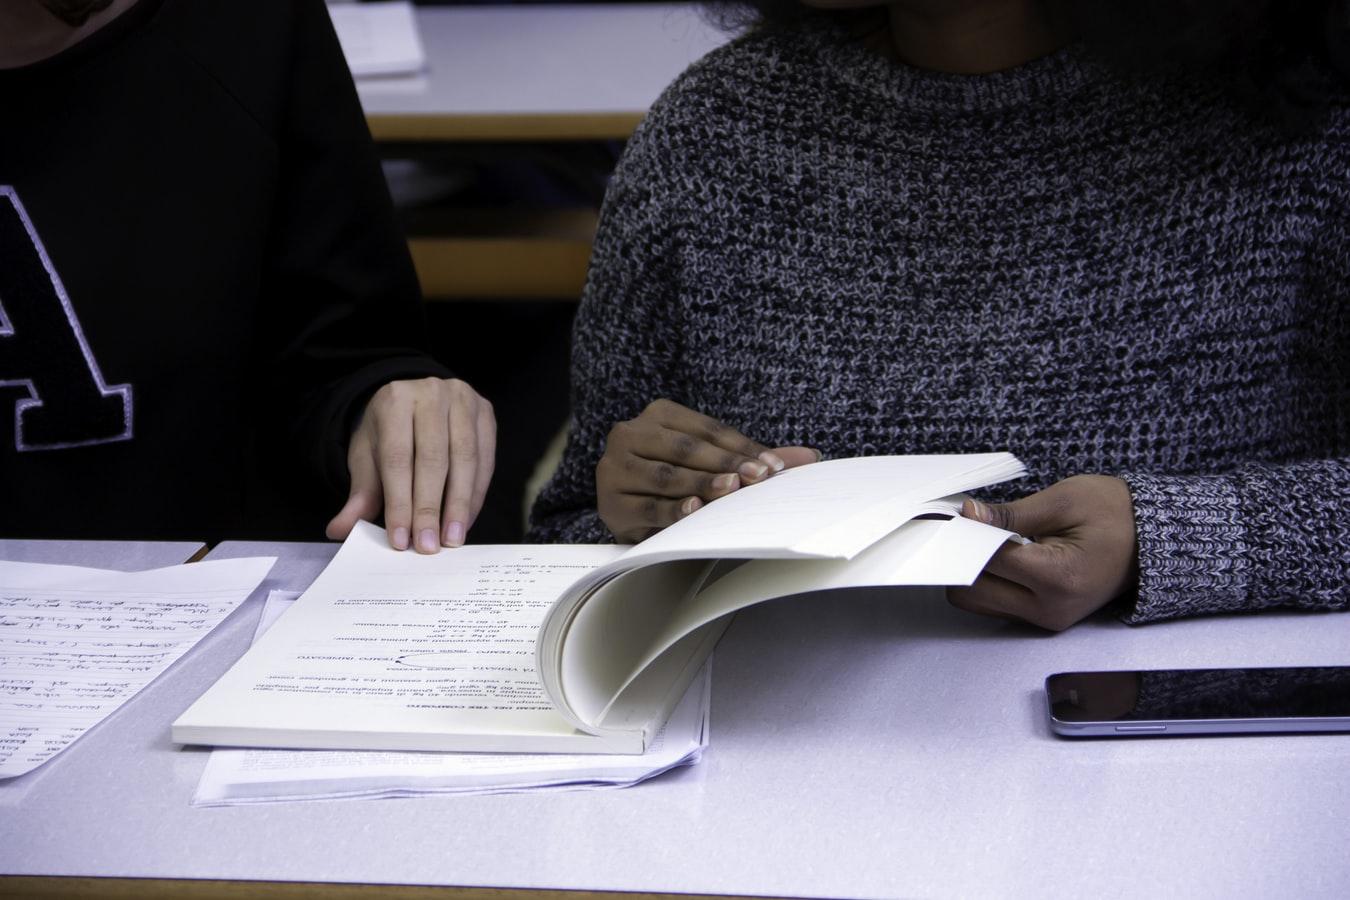 【まとめ】公務員試験は簡単じゃない。合格には努力を積み上げる必要あり